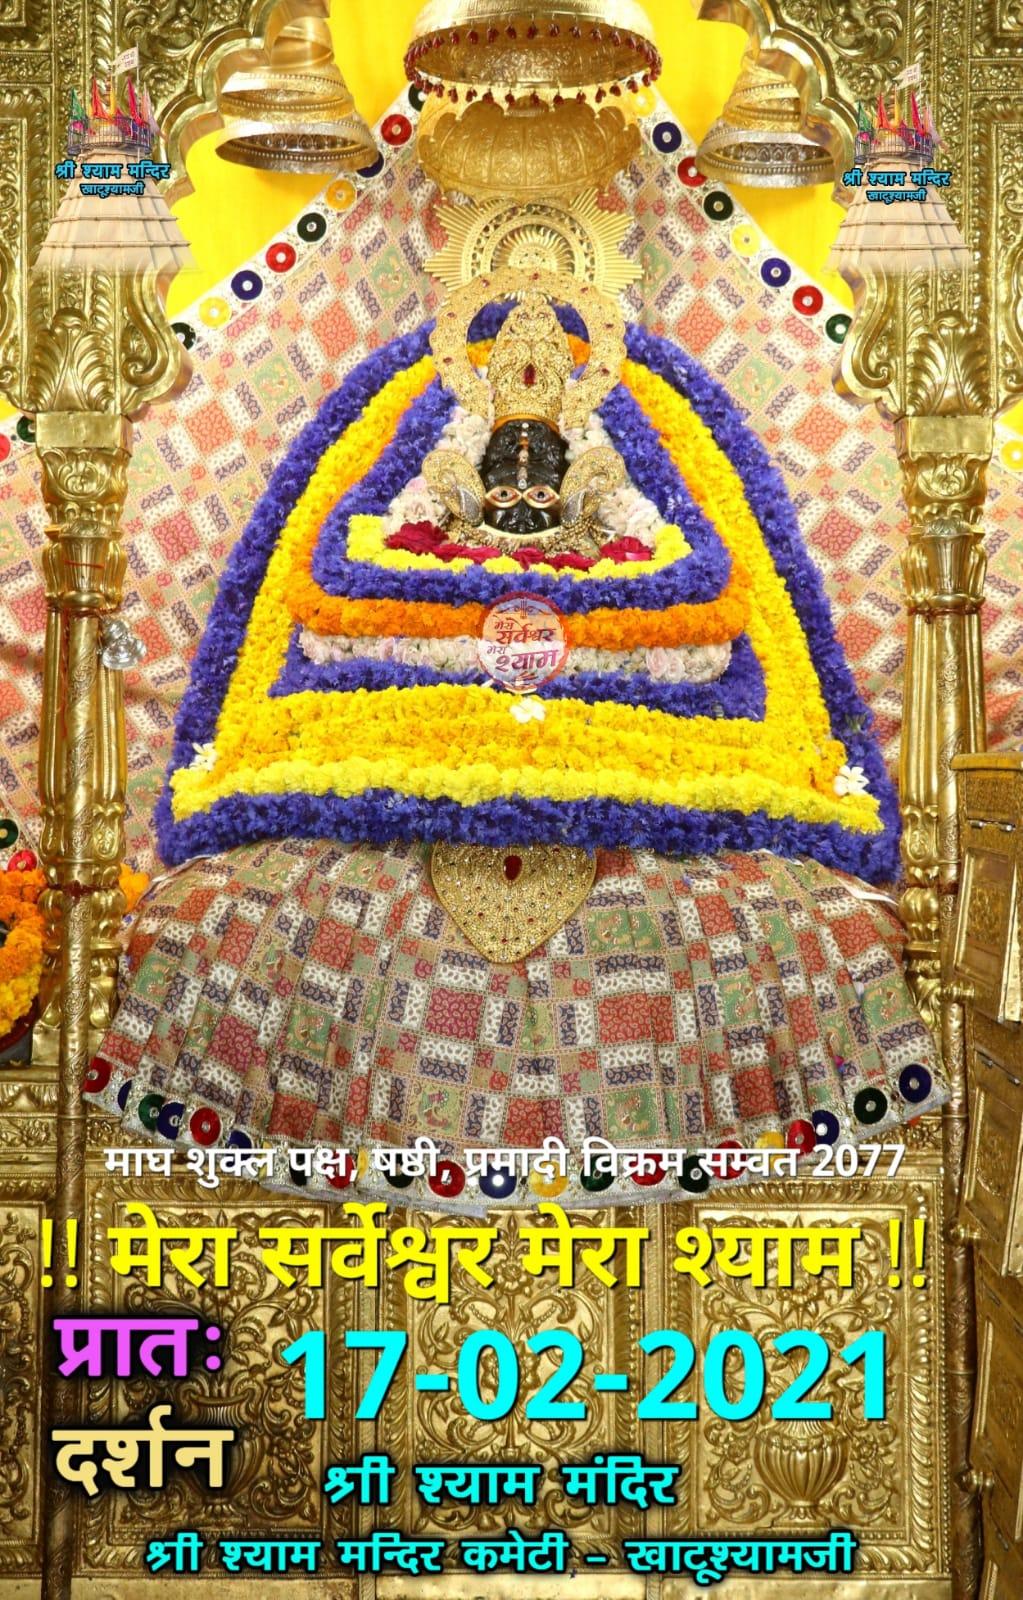 Baba Khatushyam Darshan 17-02-2021